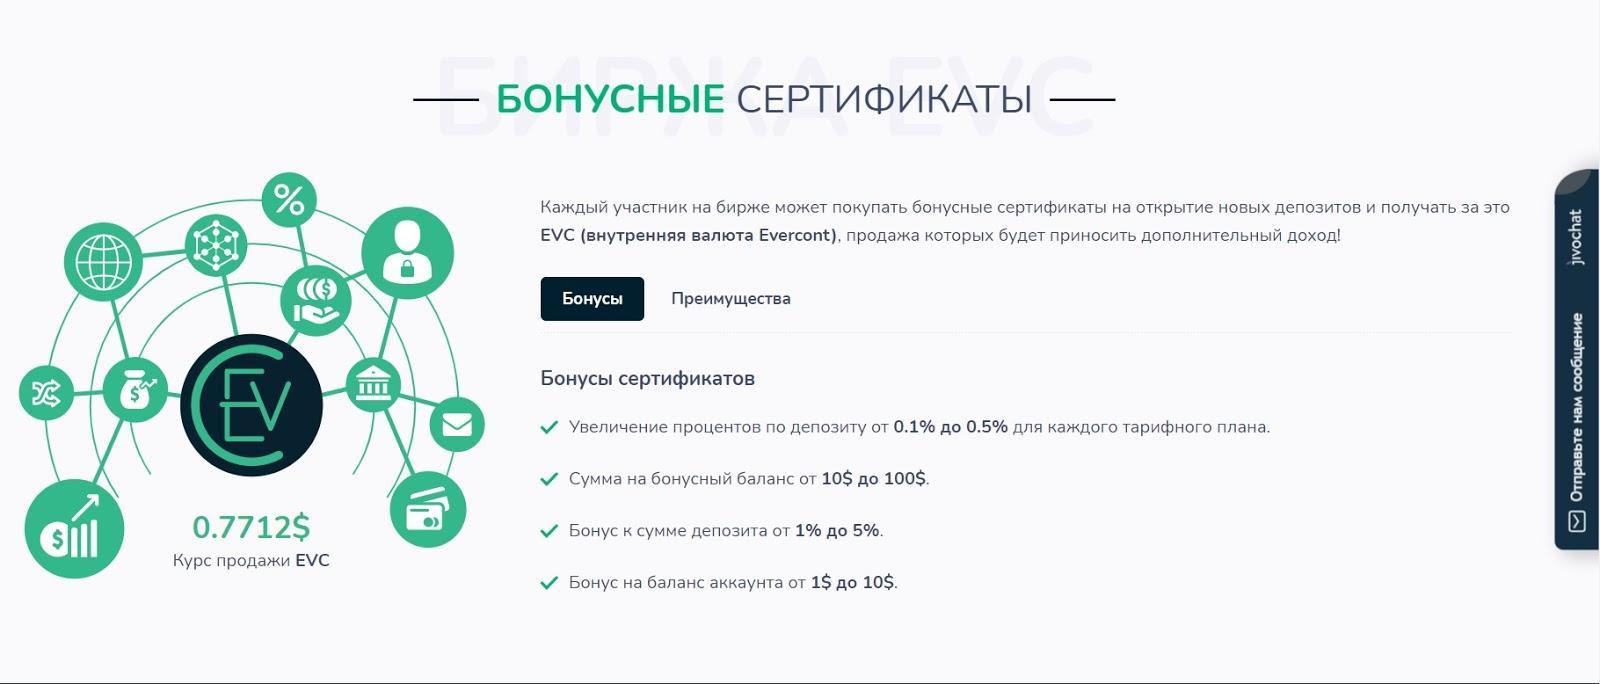 Отзывы об Evercont Invest Limited: подробный обзор работы инвесткомпании обзор